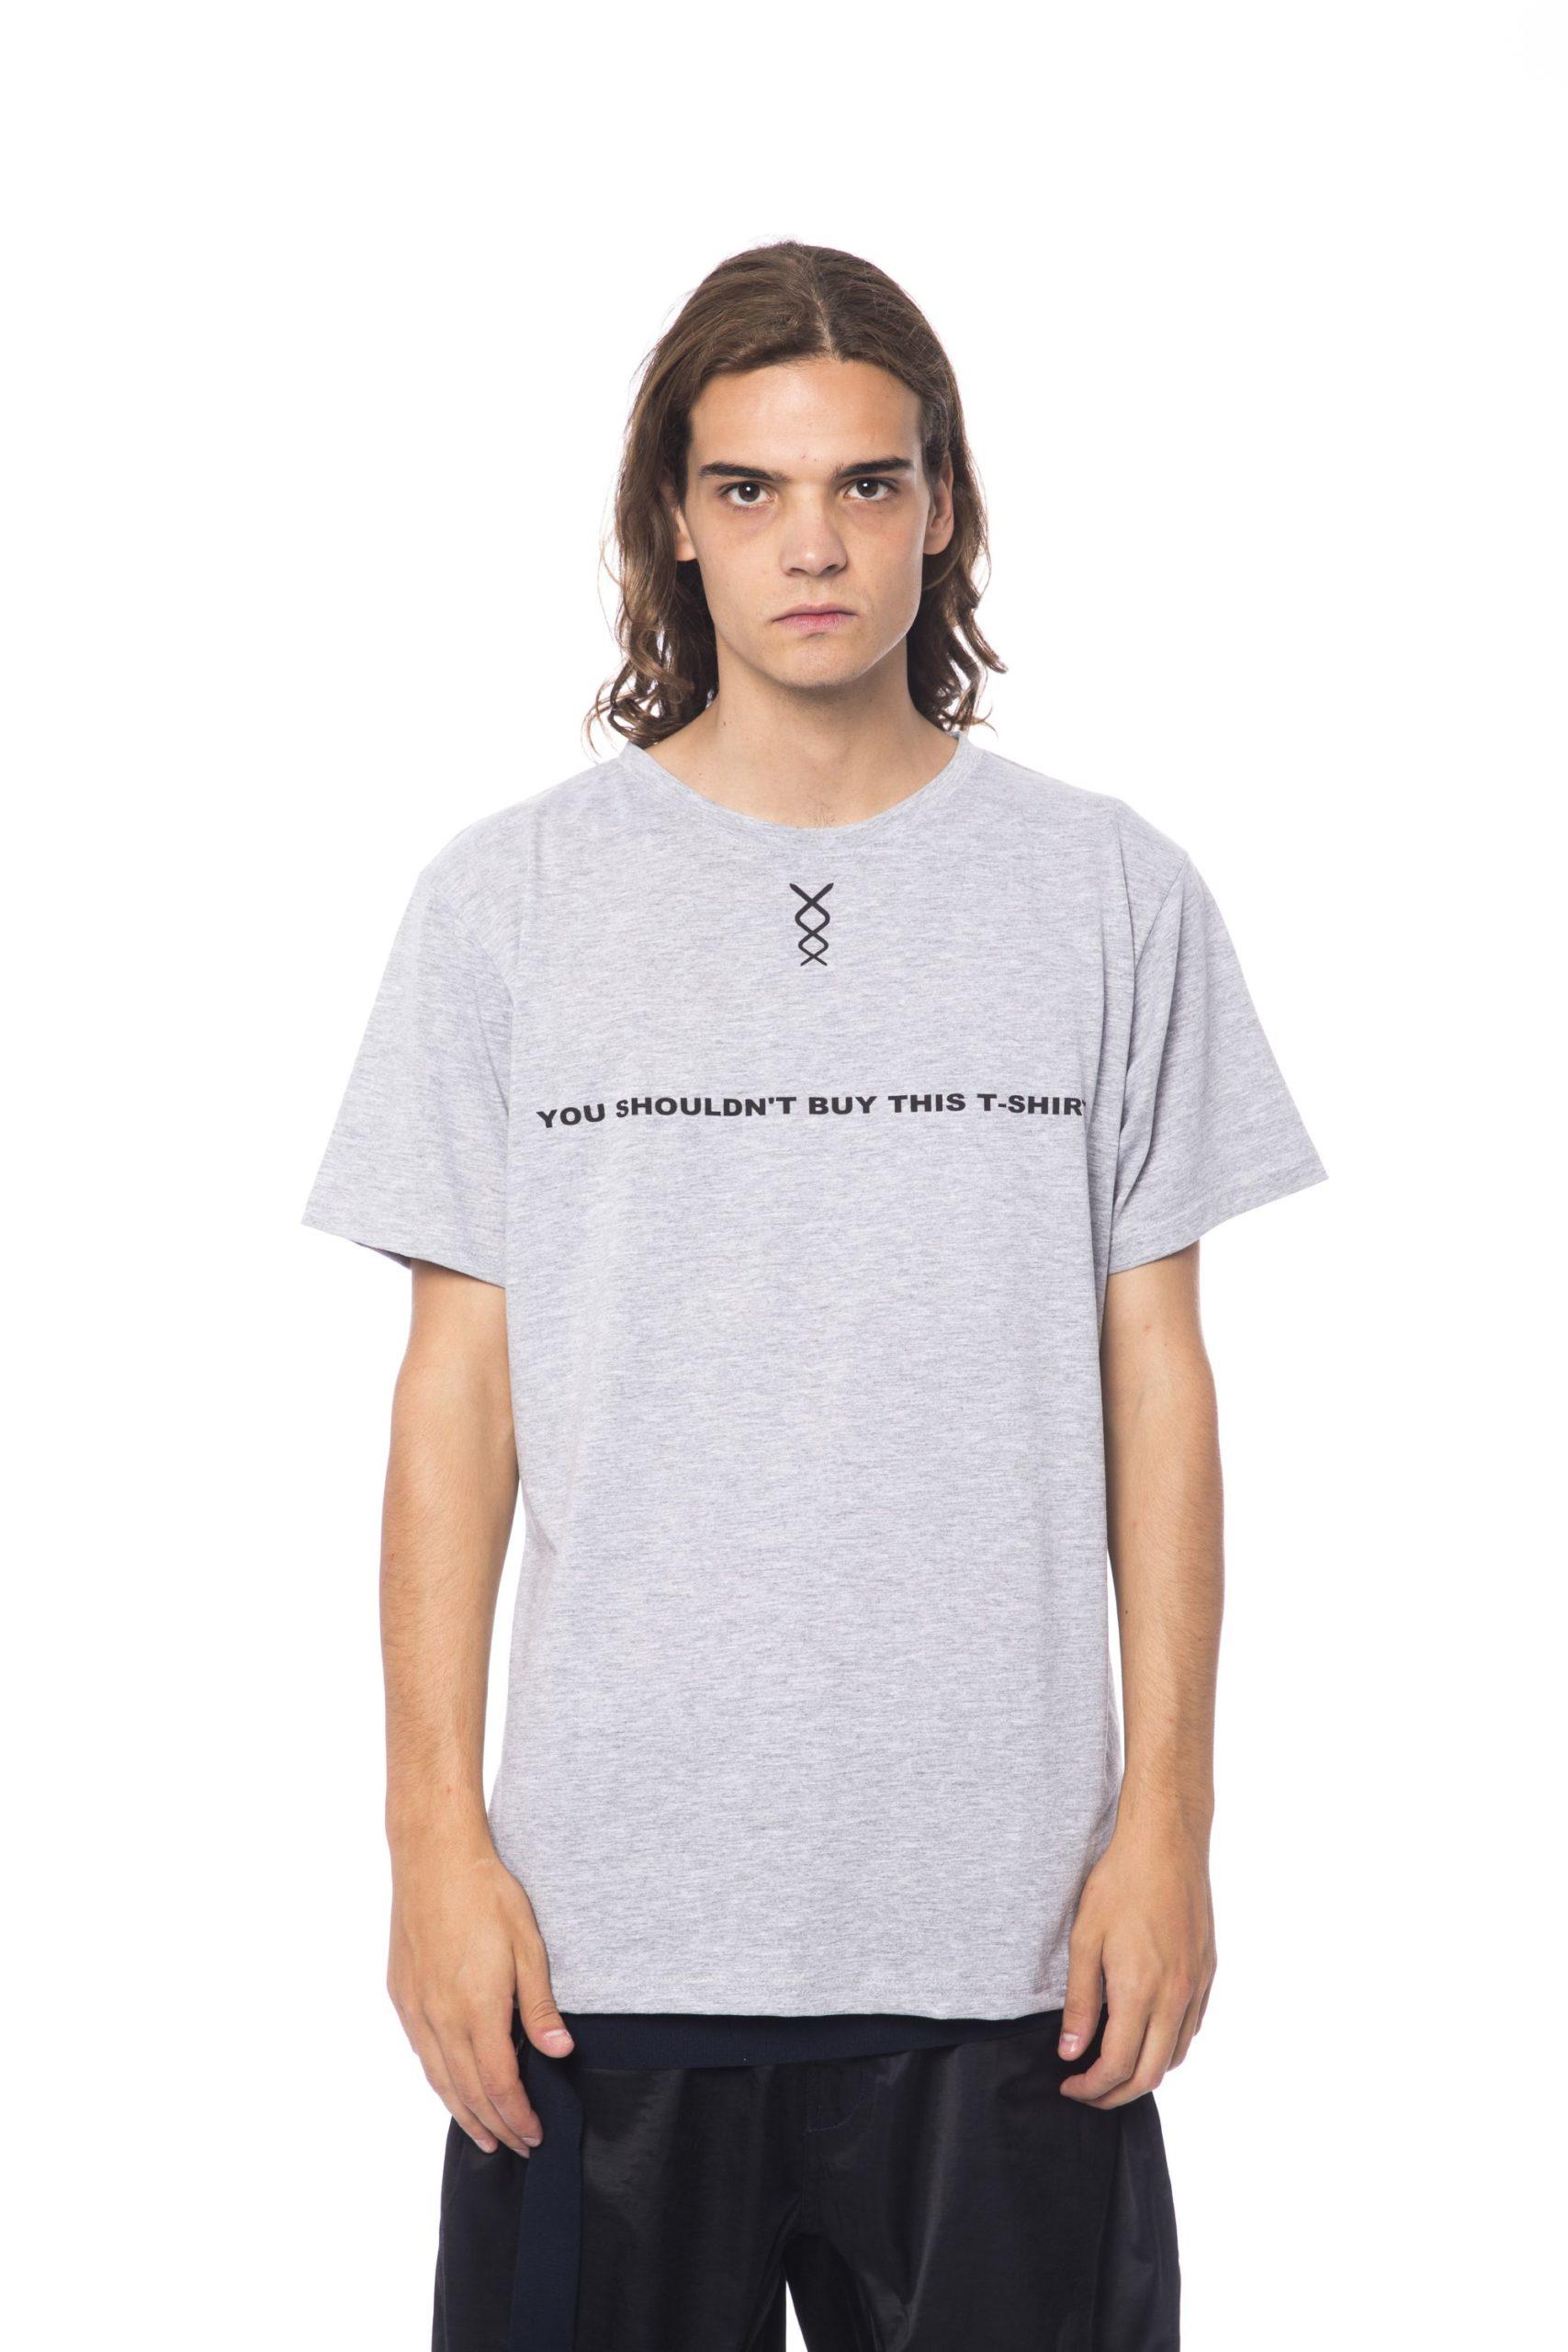 Nicolo Tonetto Men's Grigio T-Shirt Gray NI678714 - S